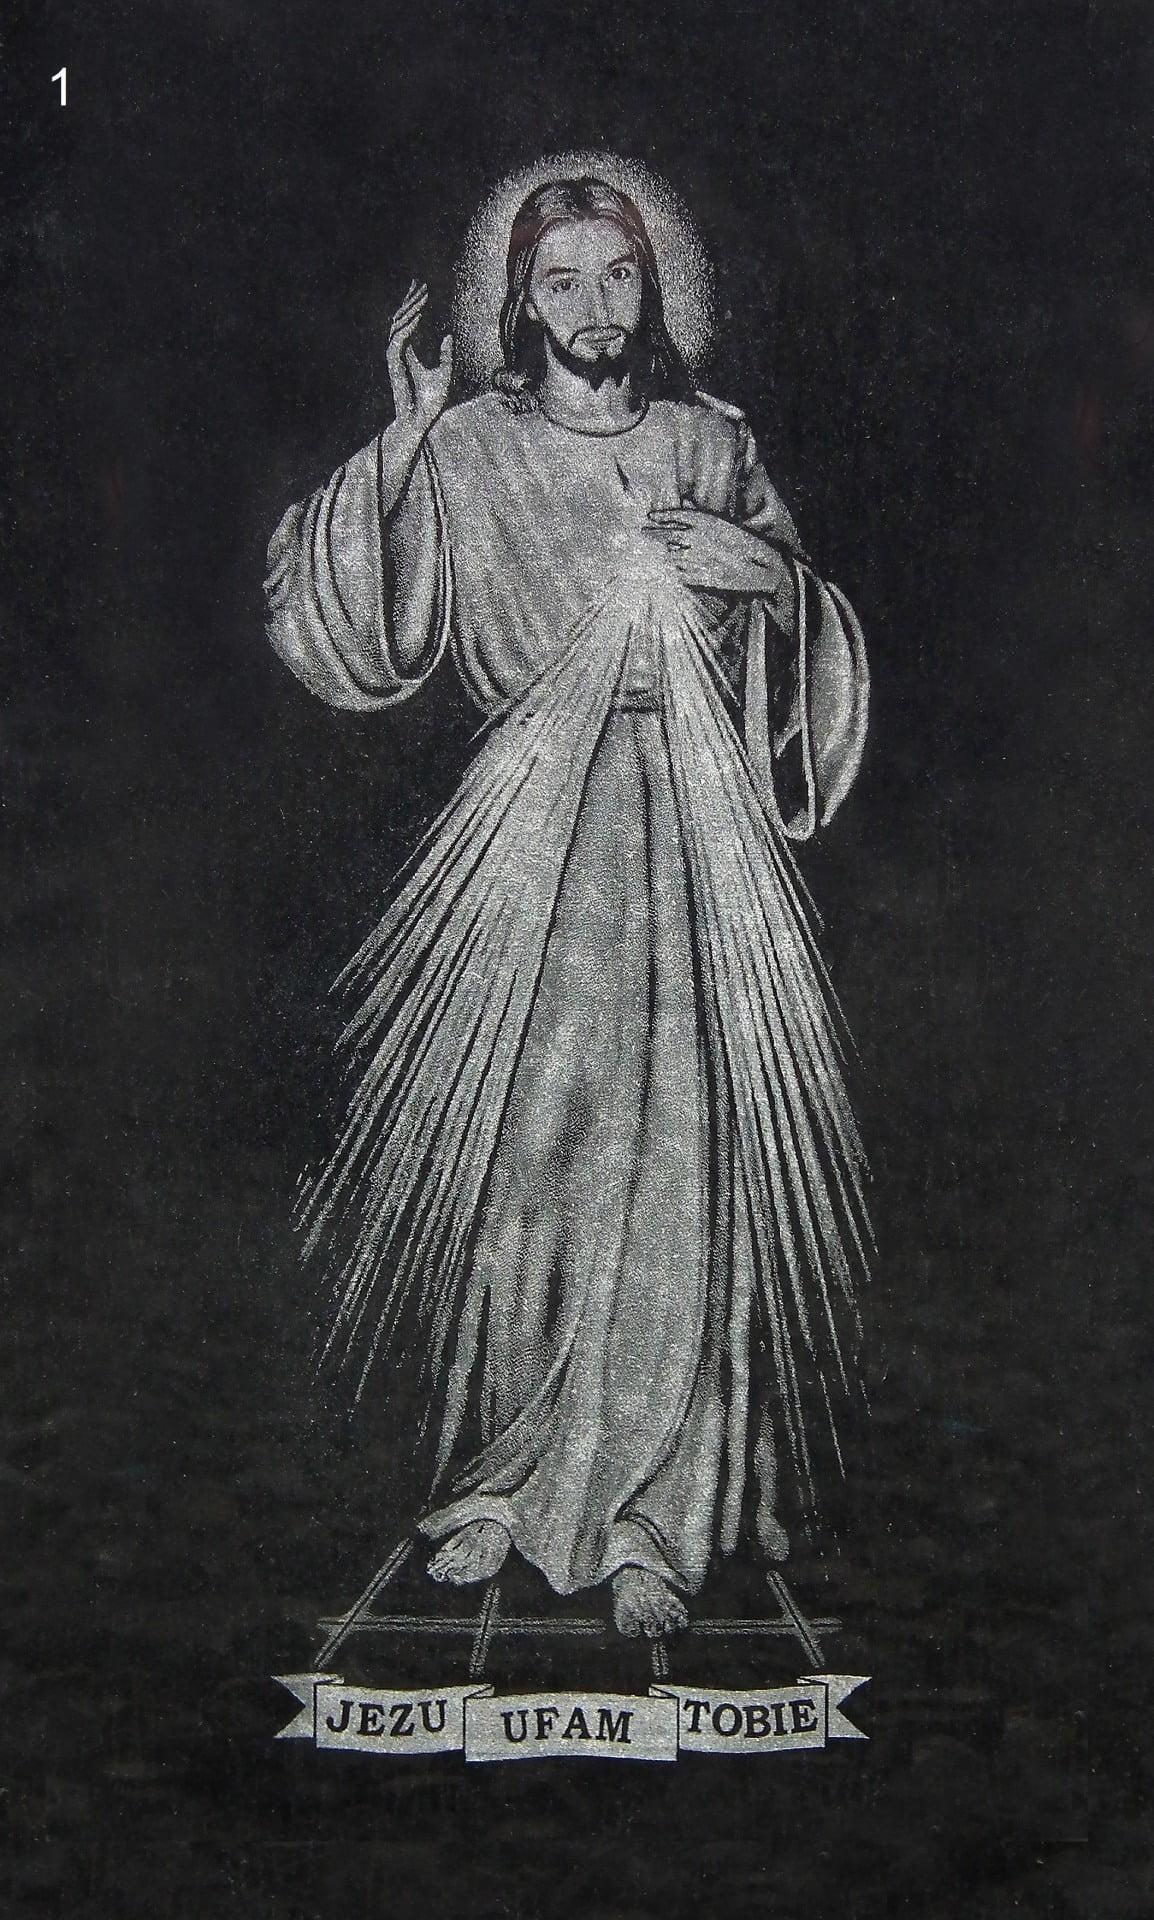 Jezu ufam tobie grawer - Nagrobki Bielsko-Biała